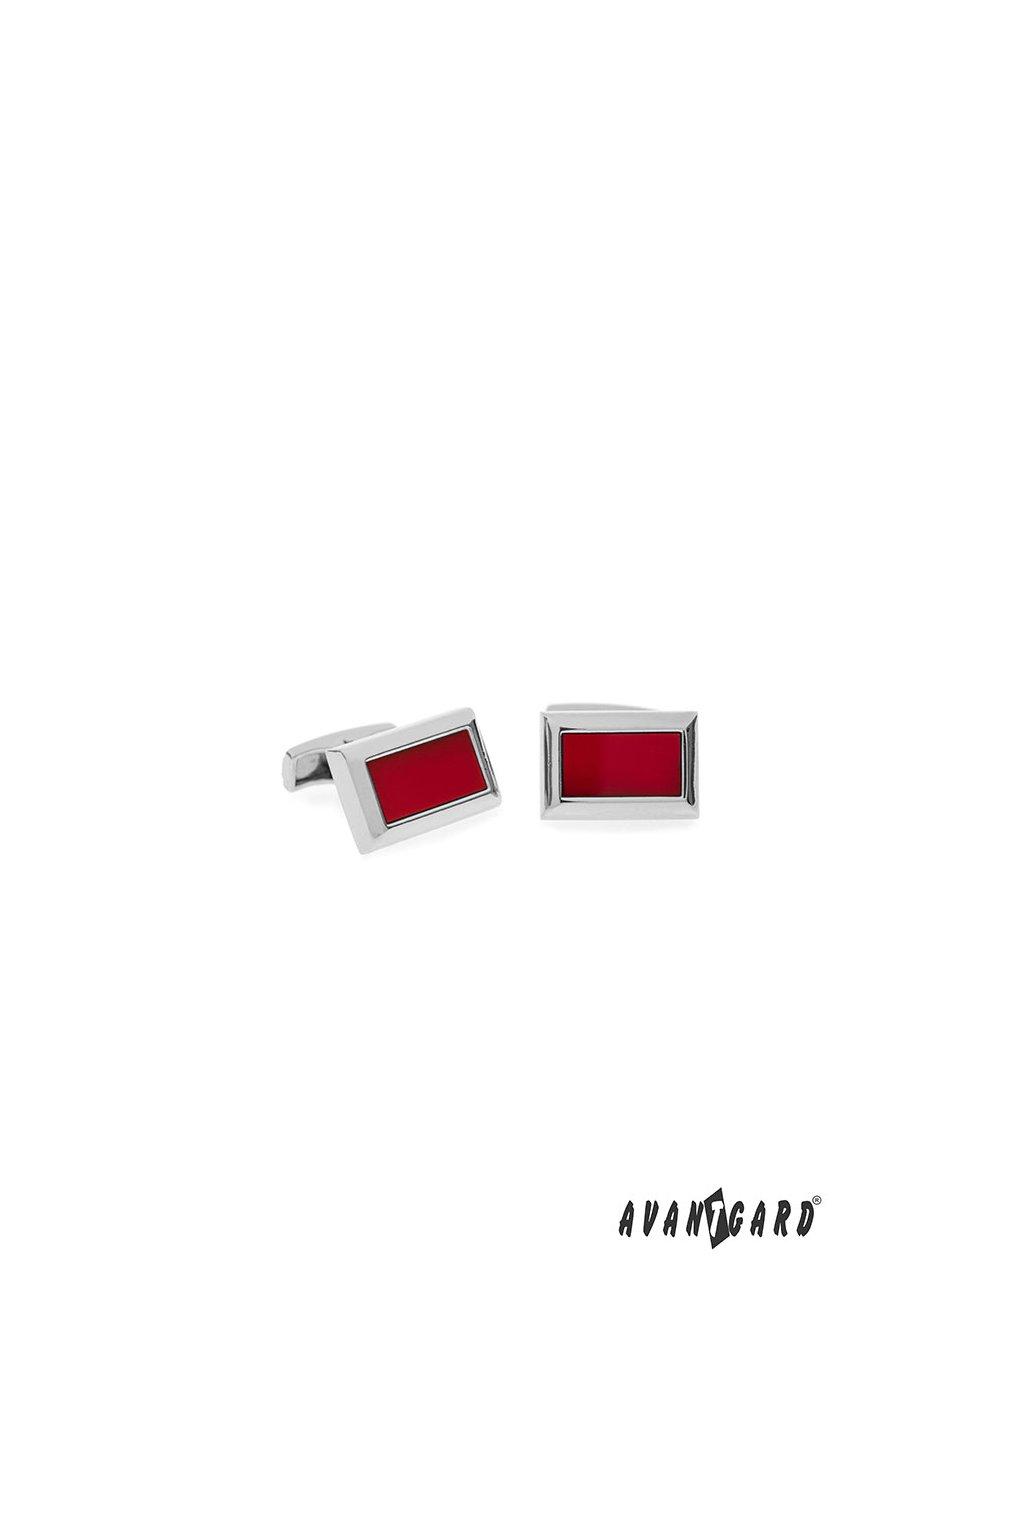 Manžetové knoflíčky PREMIUM stříbrná lesk/červená 573 - 20661